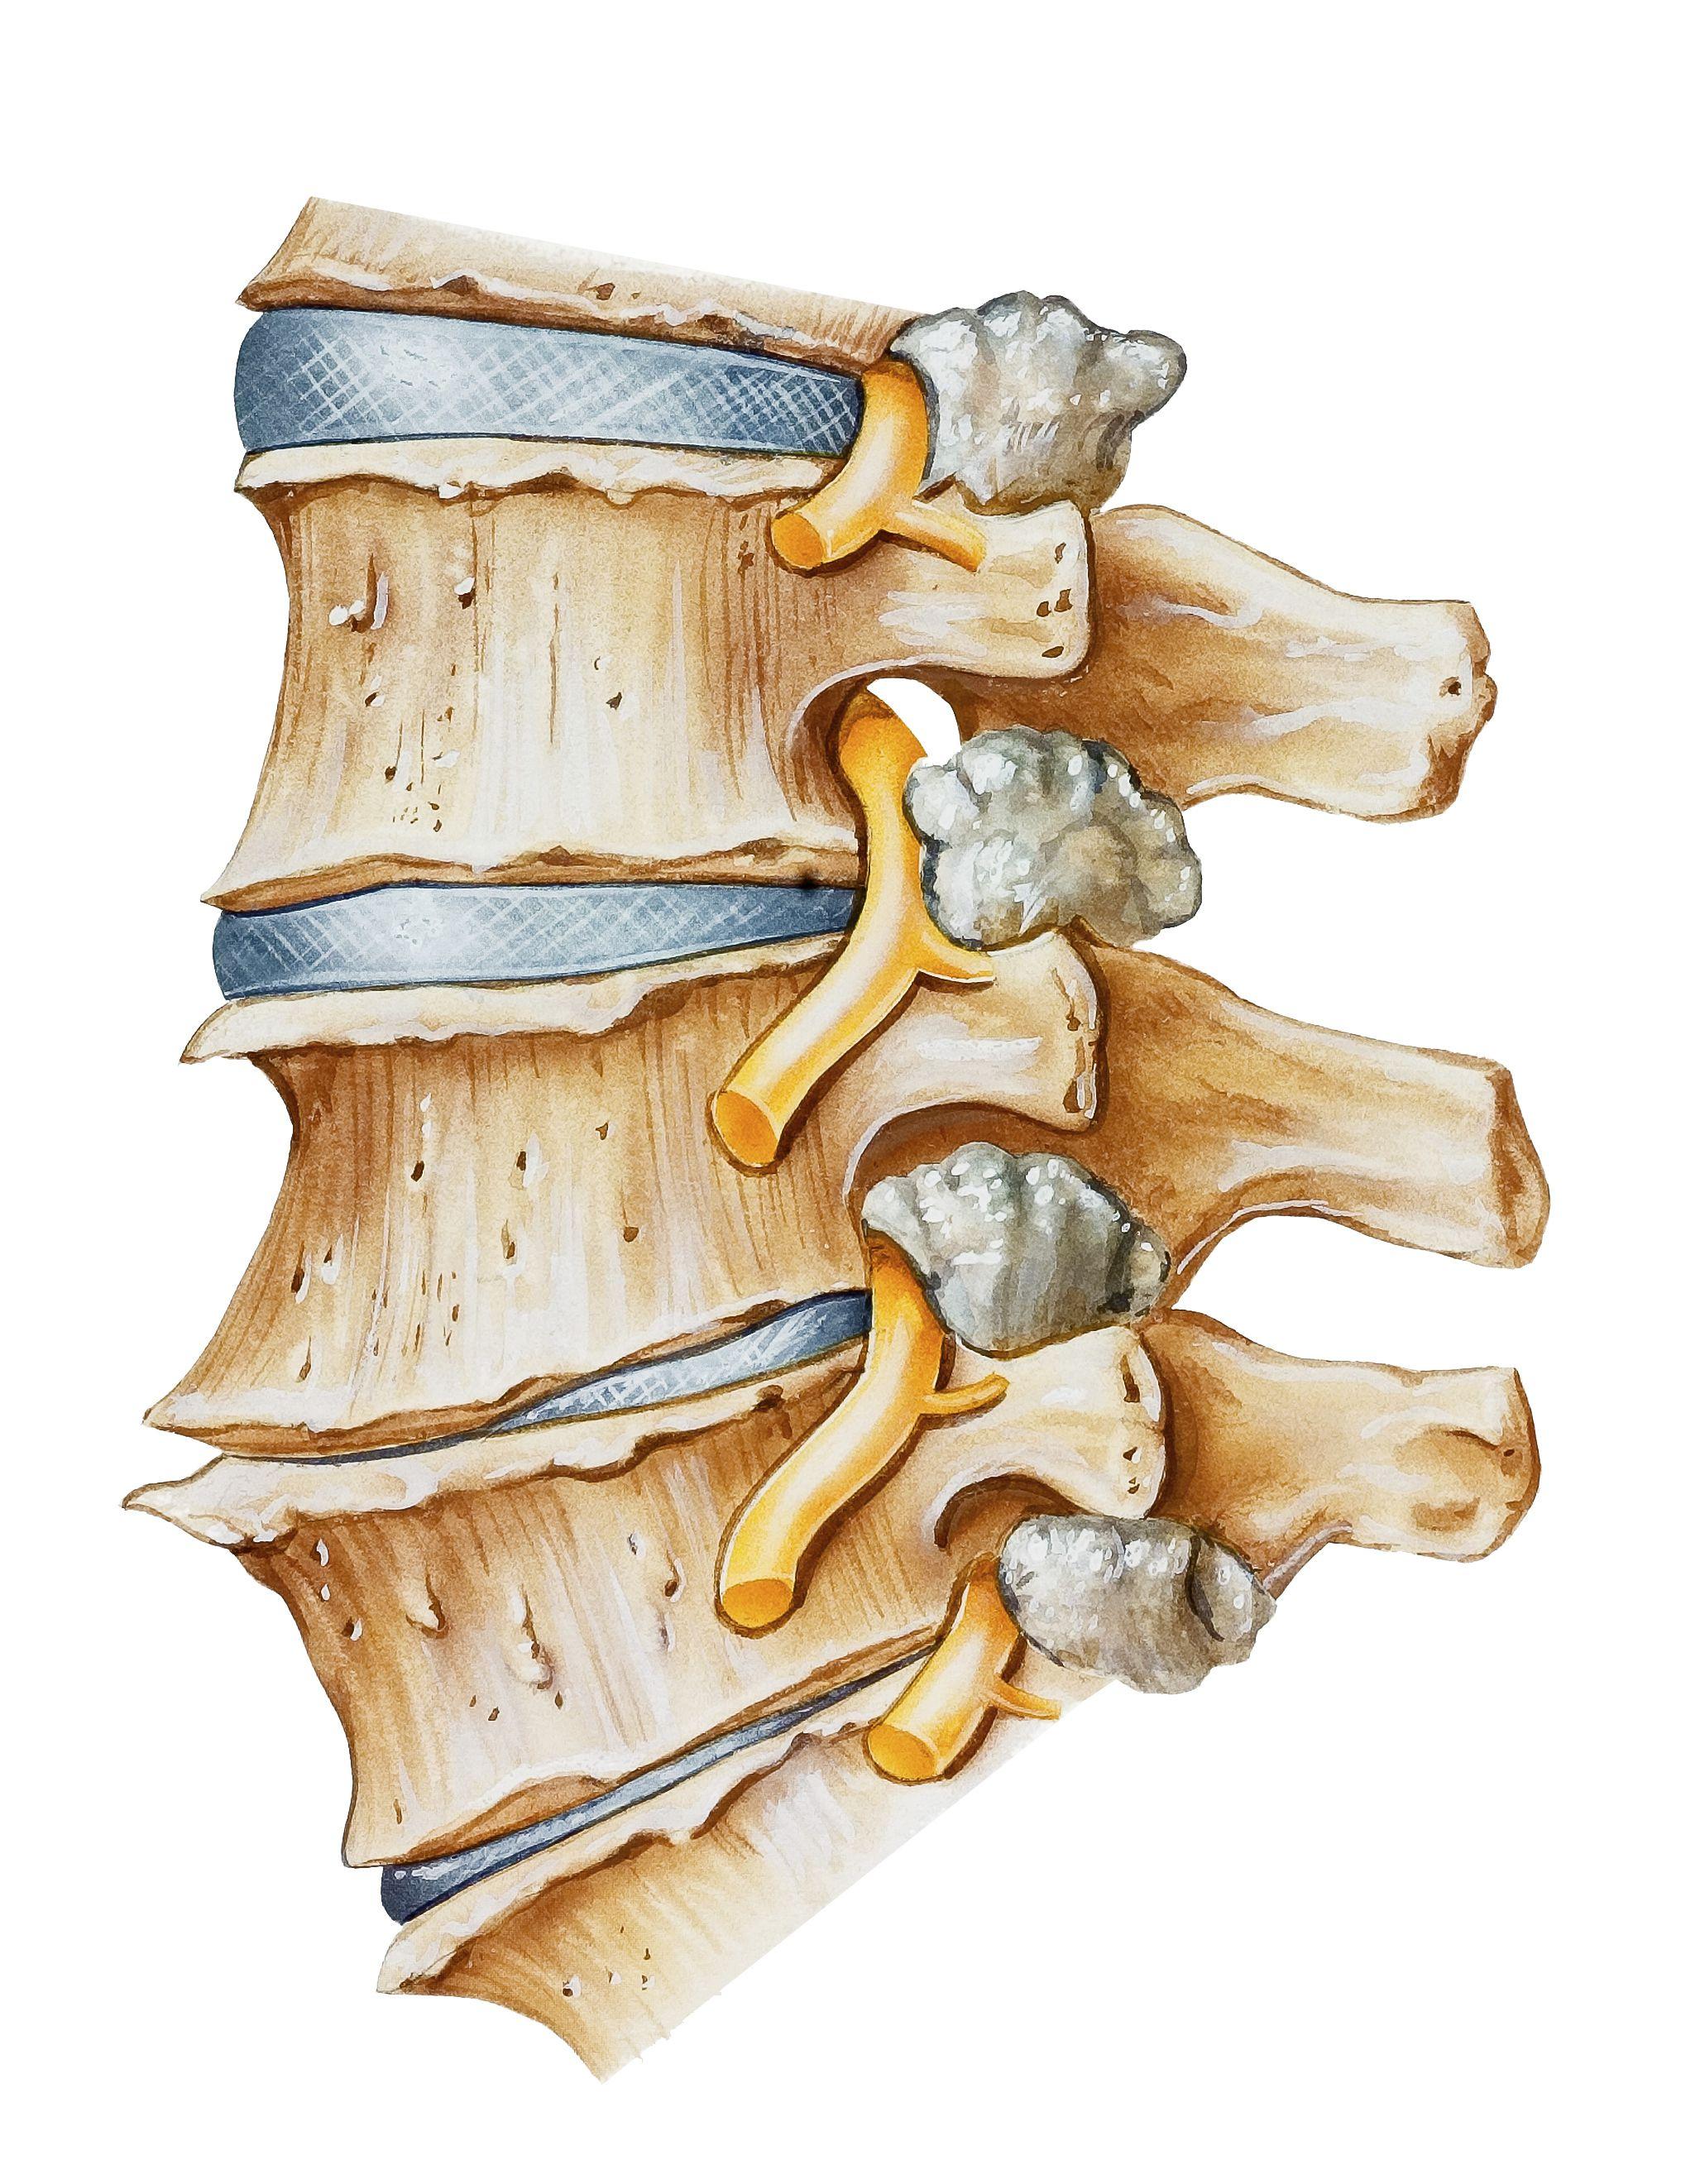 Вывих плечевого сустава в картинках растут лугах